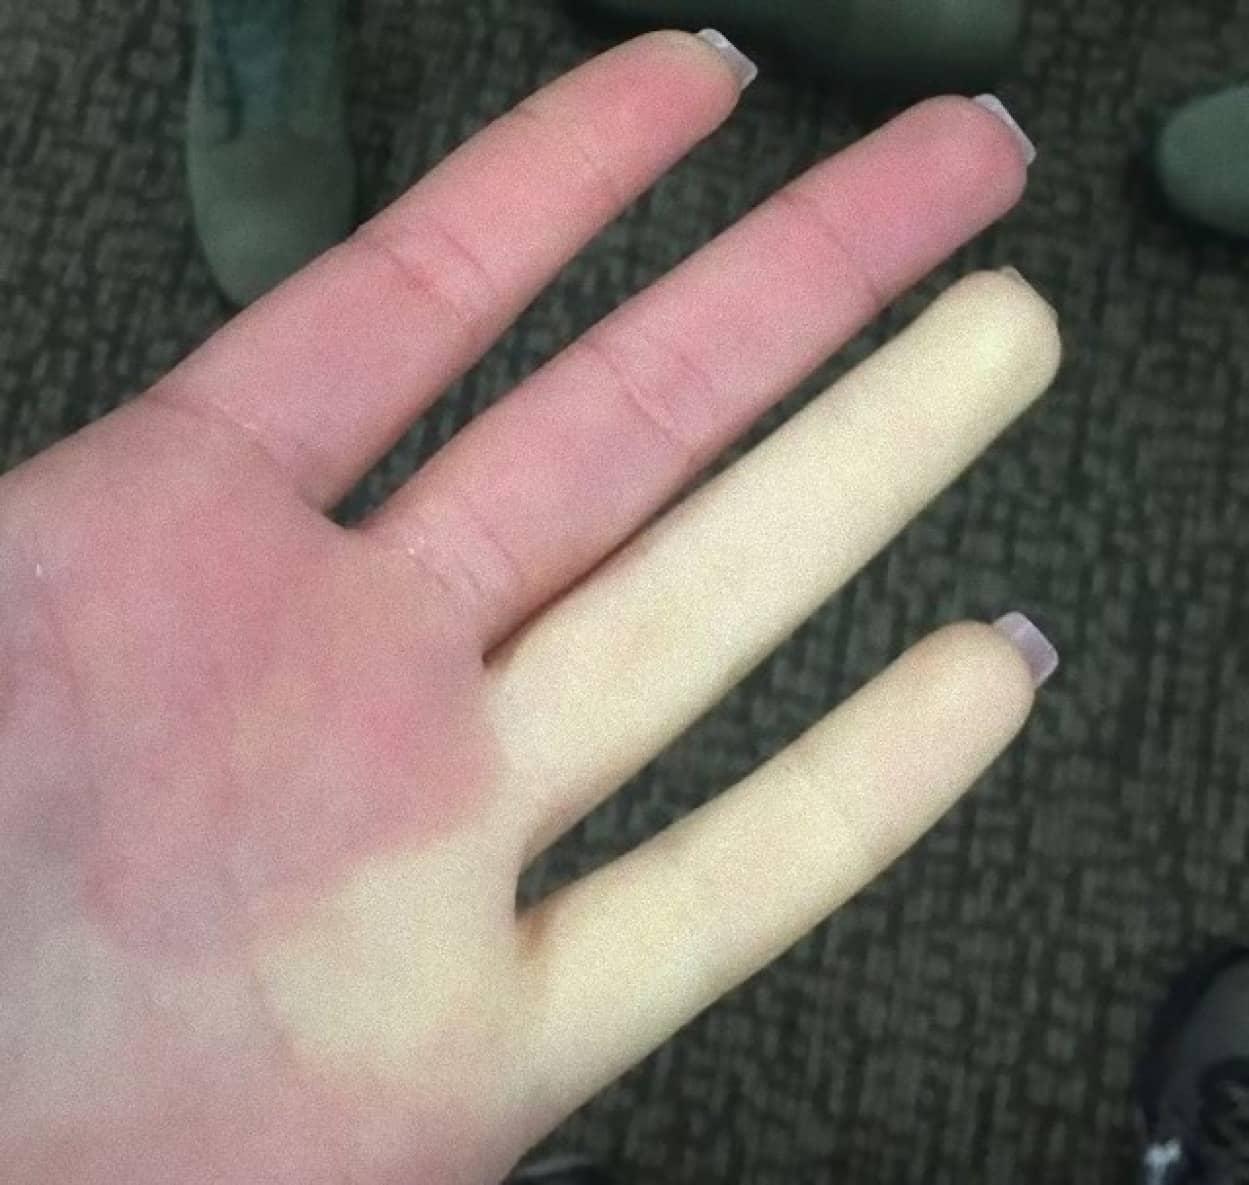 指が真っ白くなるレイノー症候群